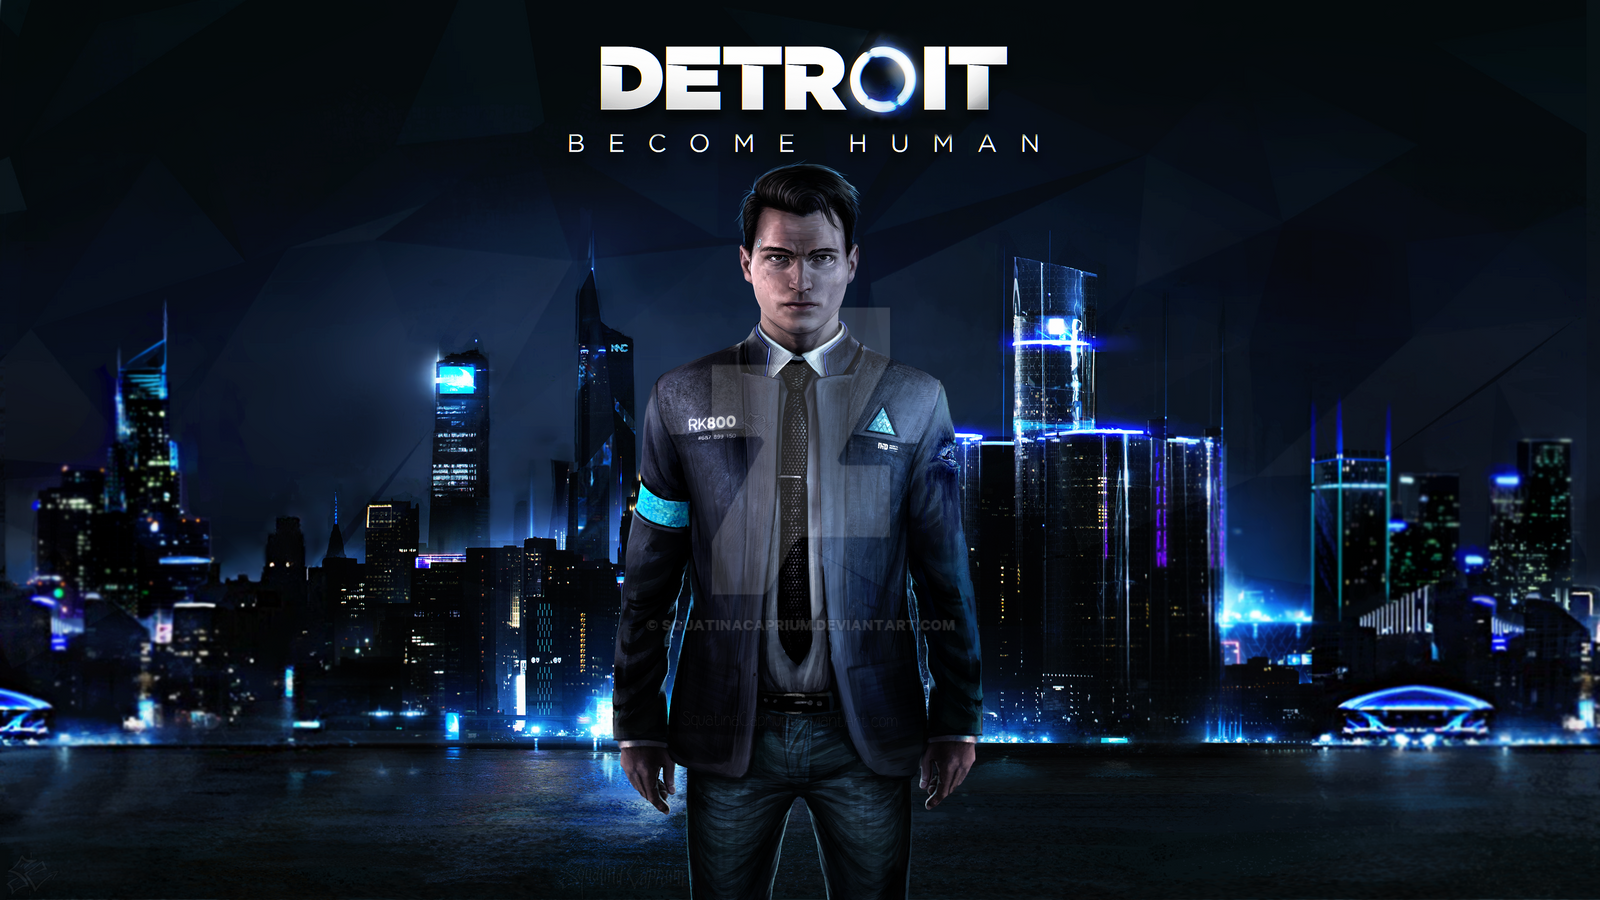 Detroit Become Human Connor Wallpaper: Detroit Become Human__Connor_Wallpaper Engine By